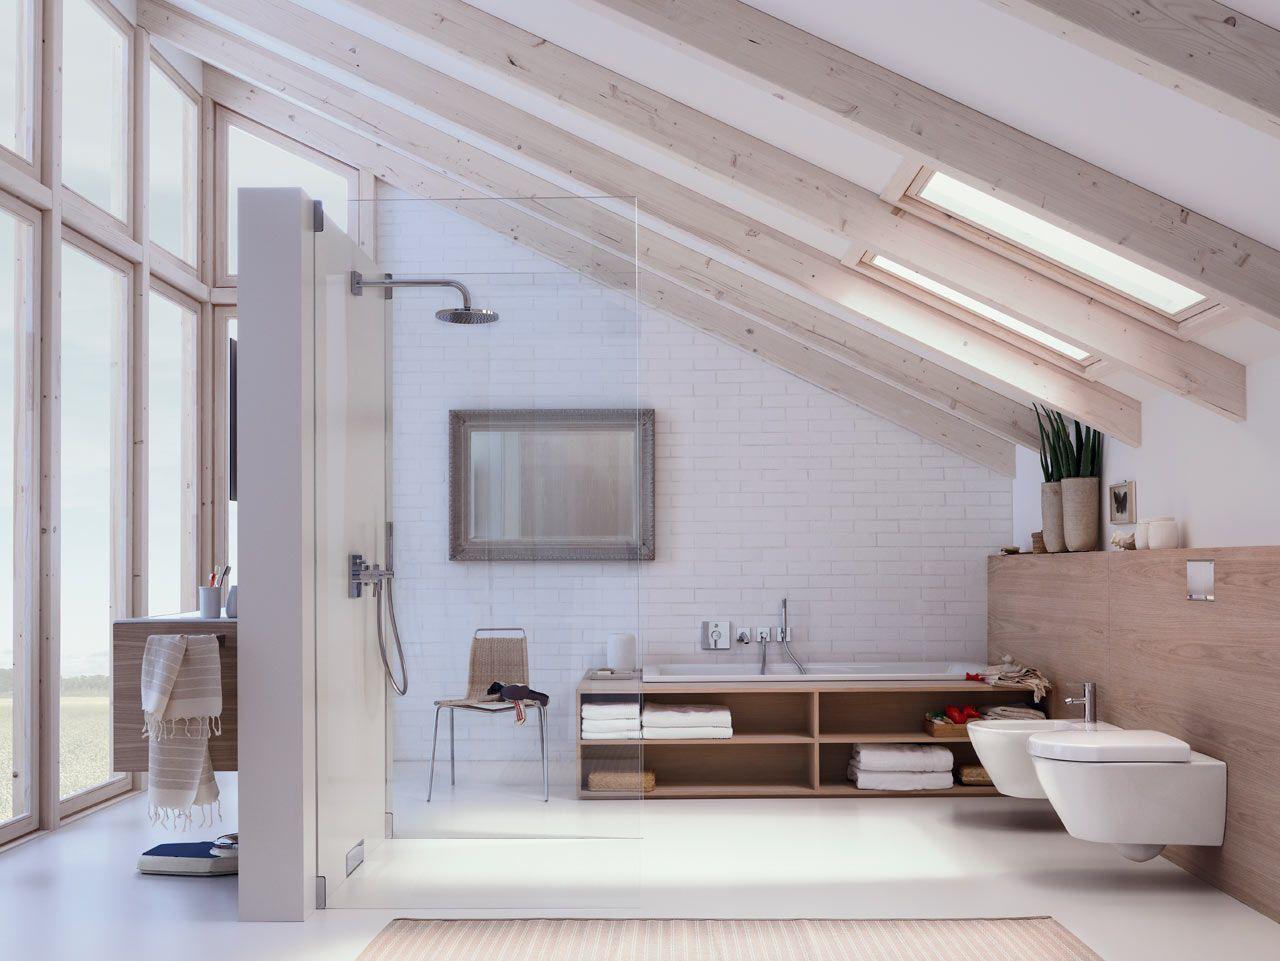 beton wanden voor de douche concreetdesign betonnen